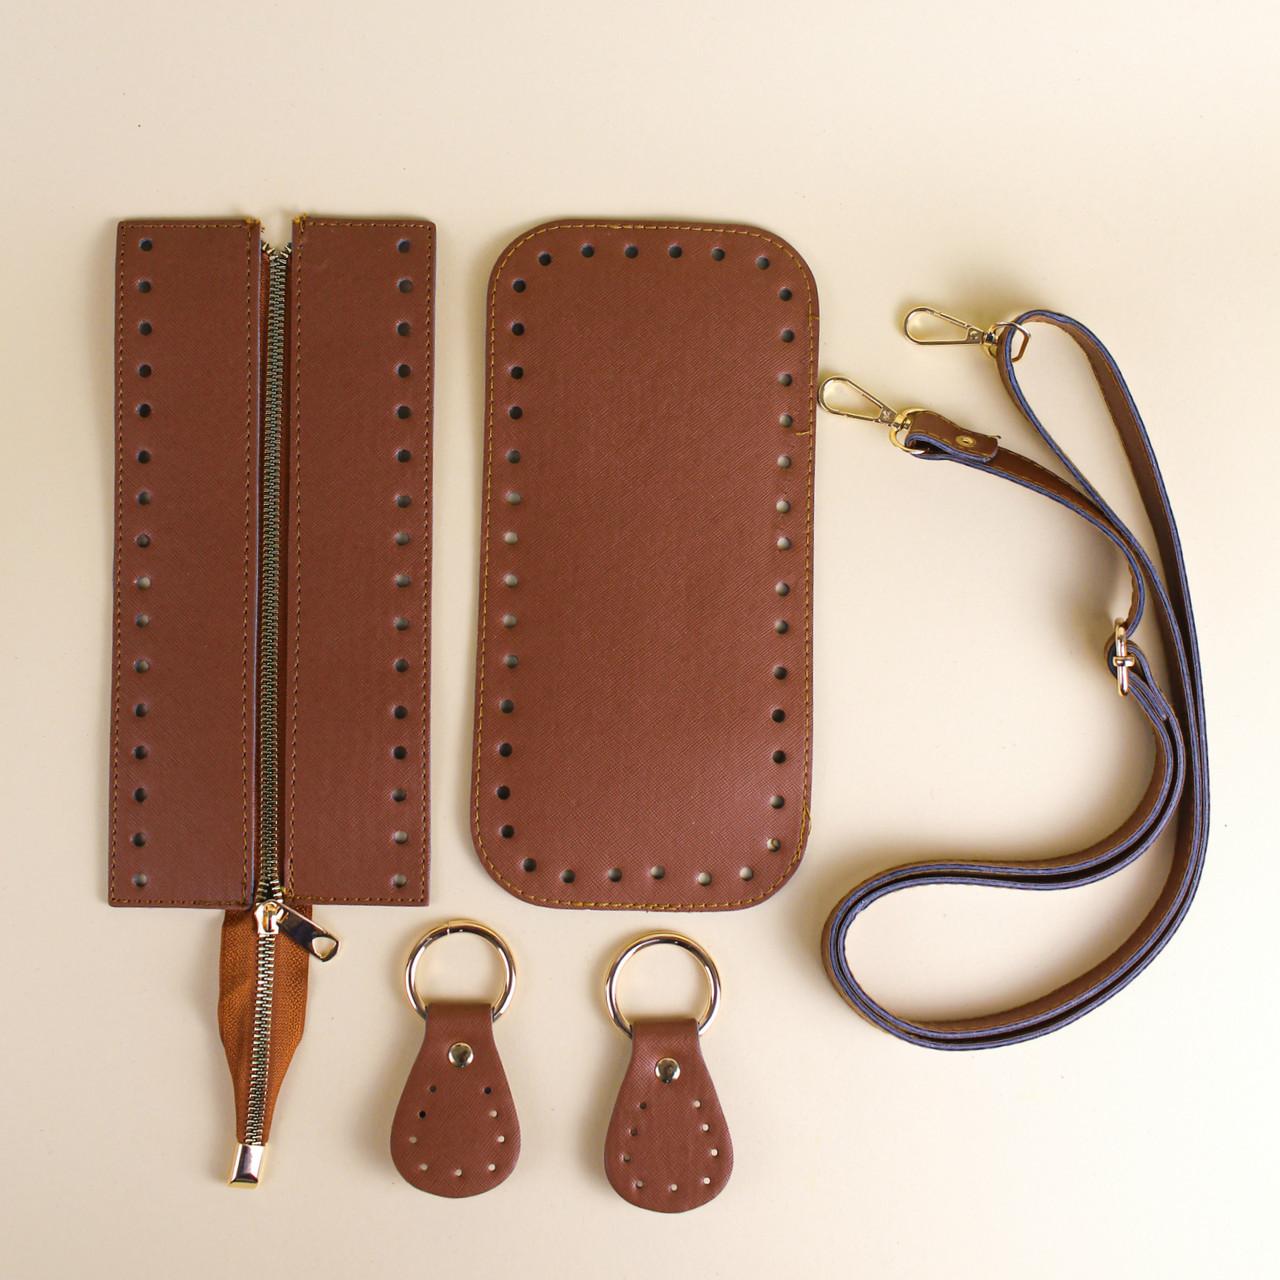 Набор для сумки экокожа Браун: донышко+верх на змейке 12х25см с регулируемой ручкой